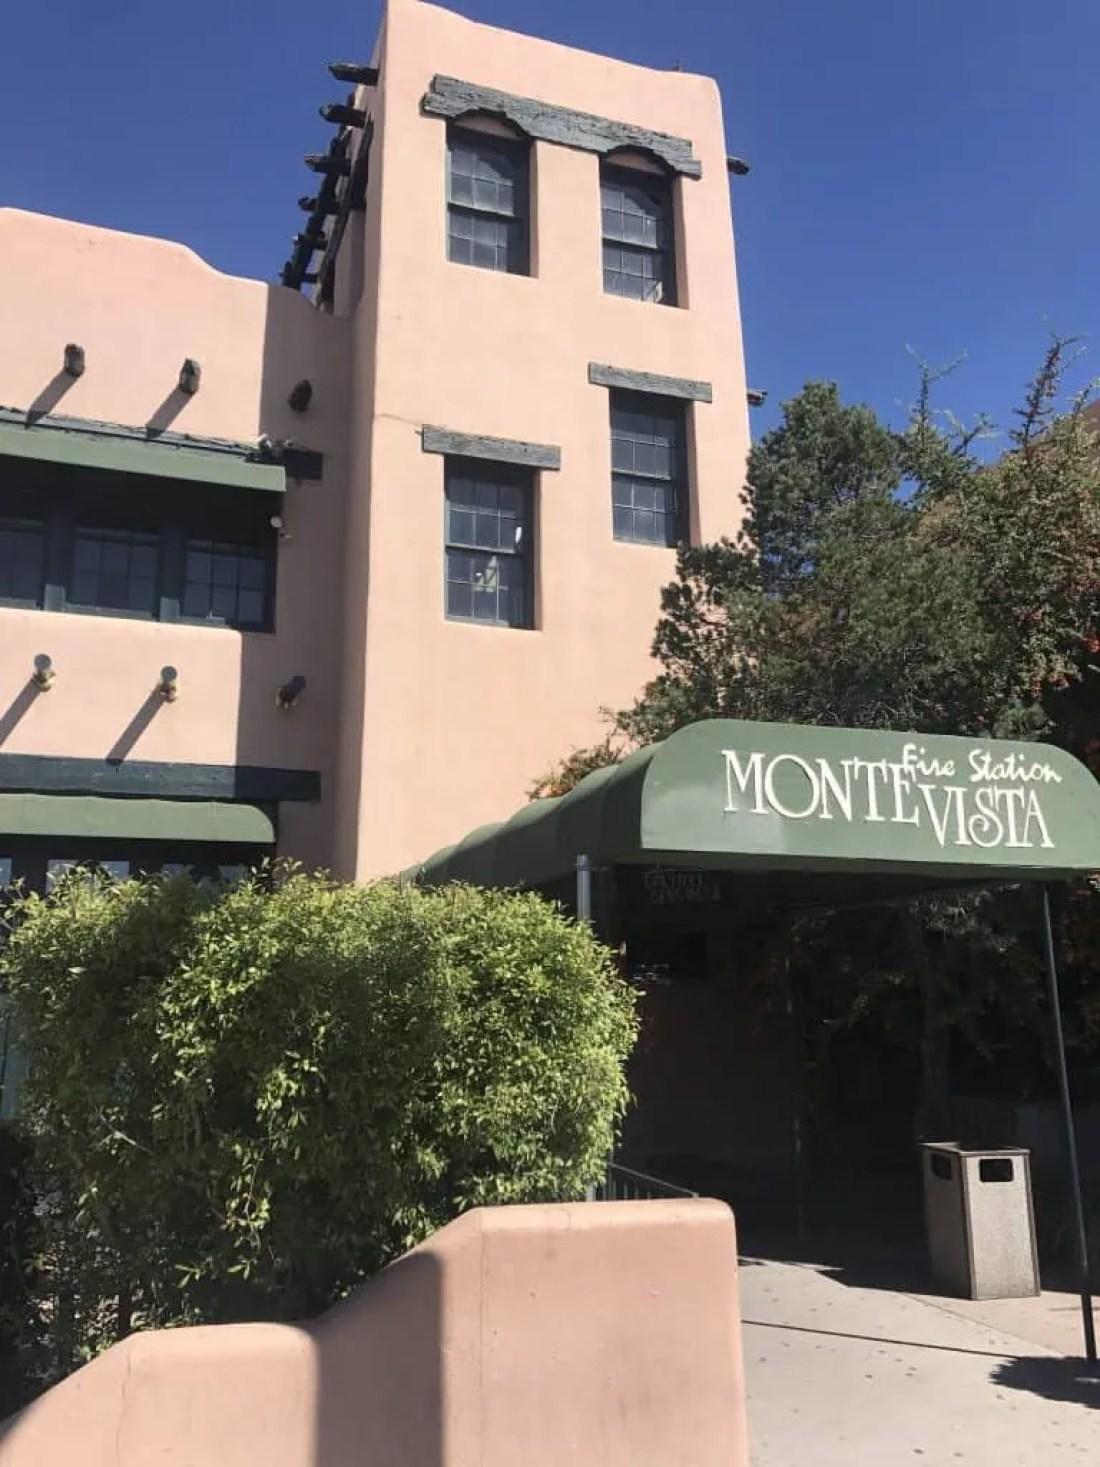 Monte Vista Firehouse